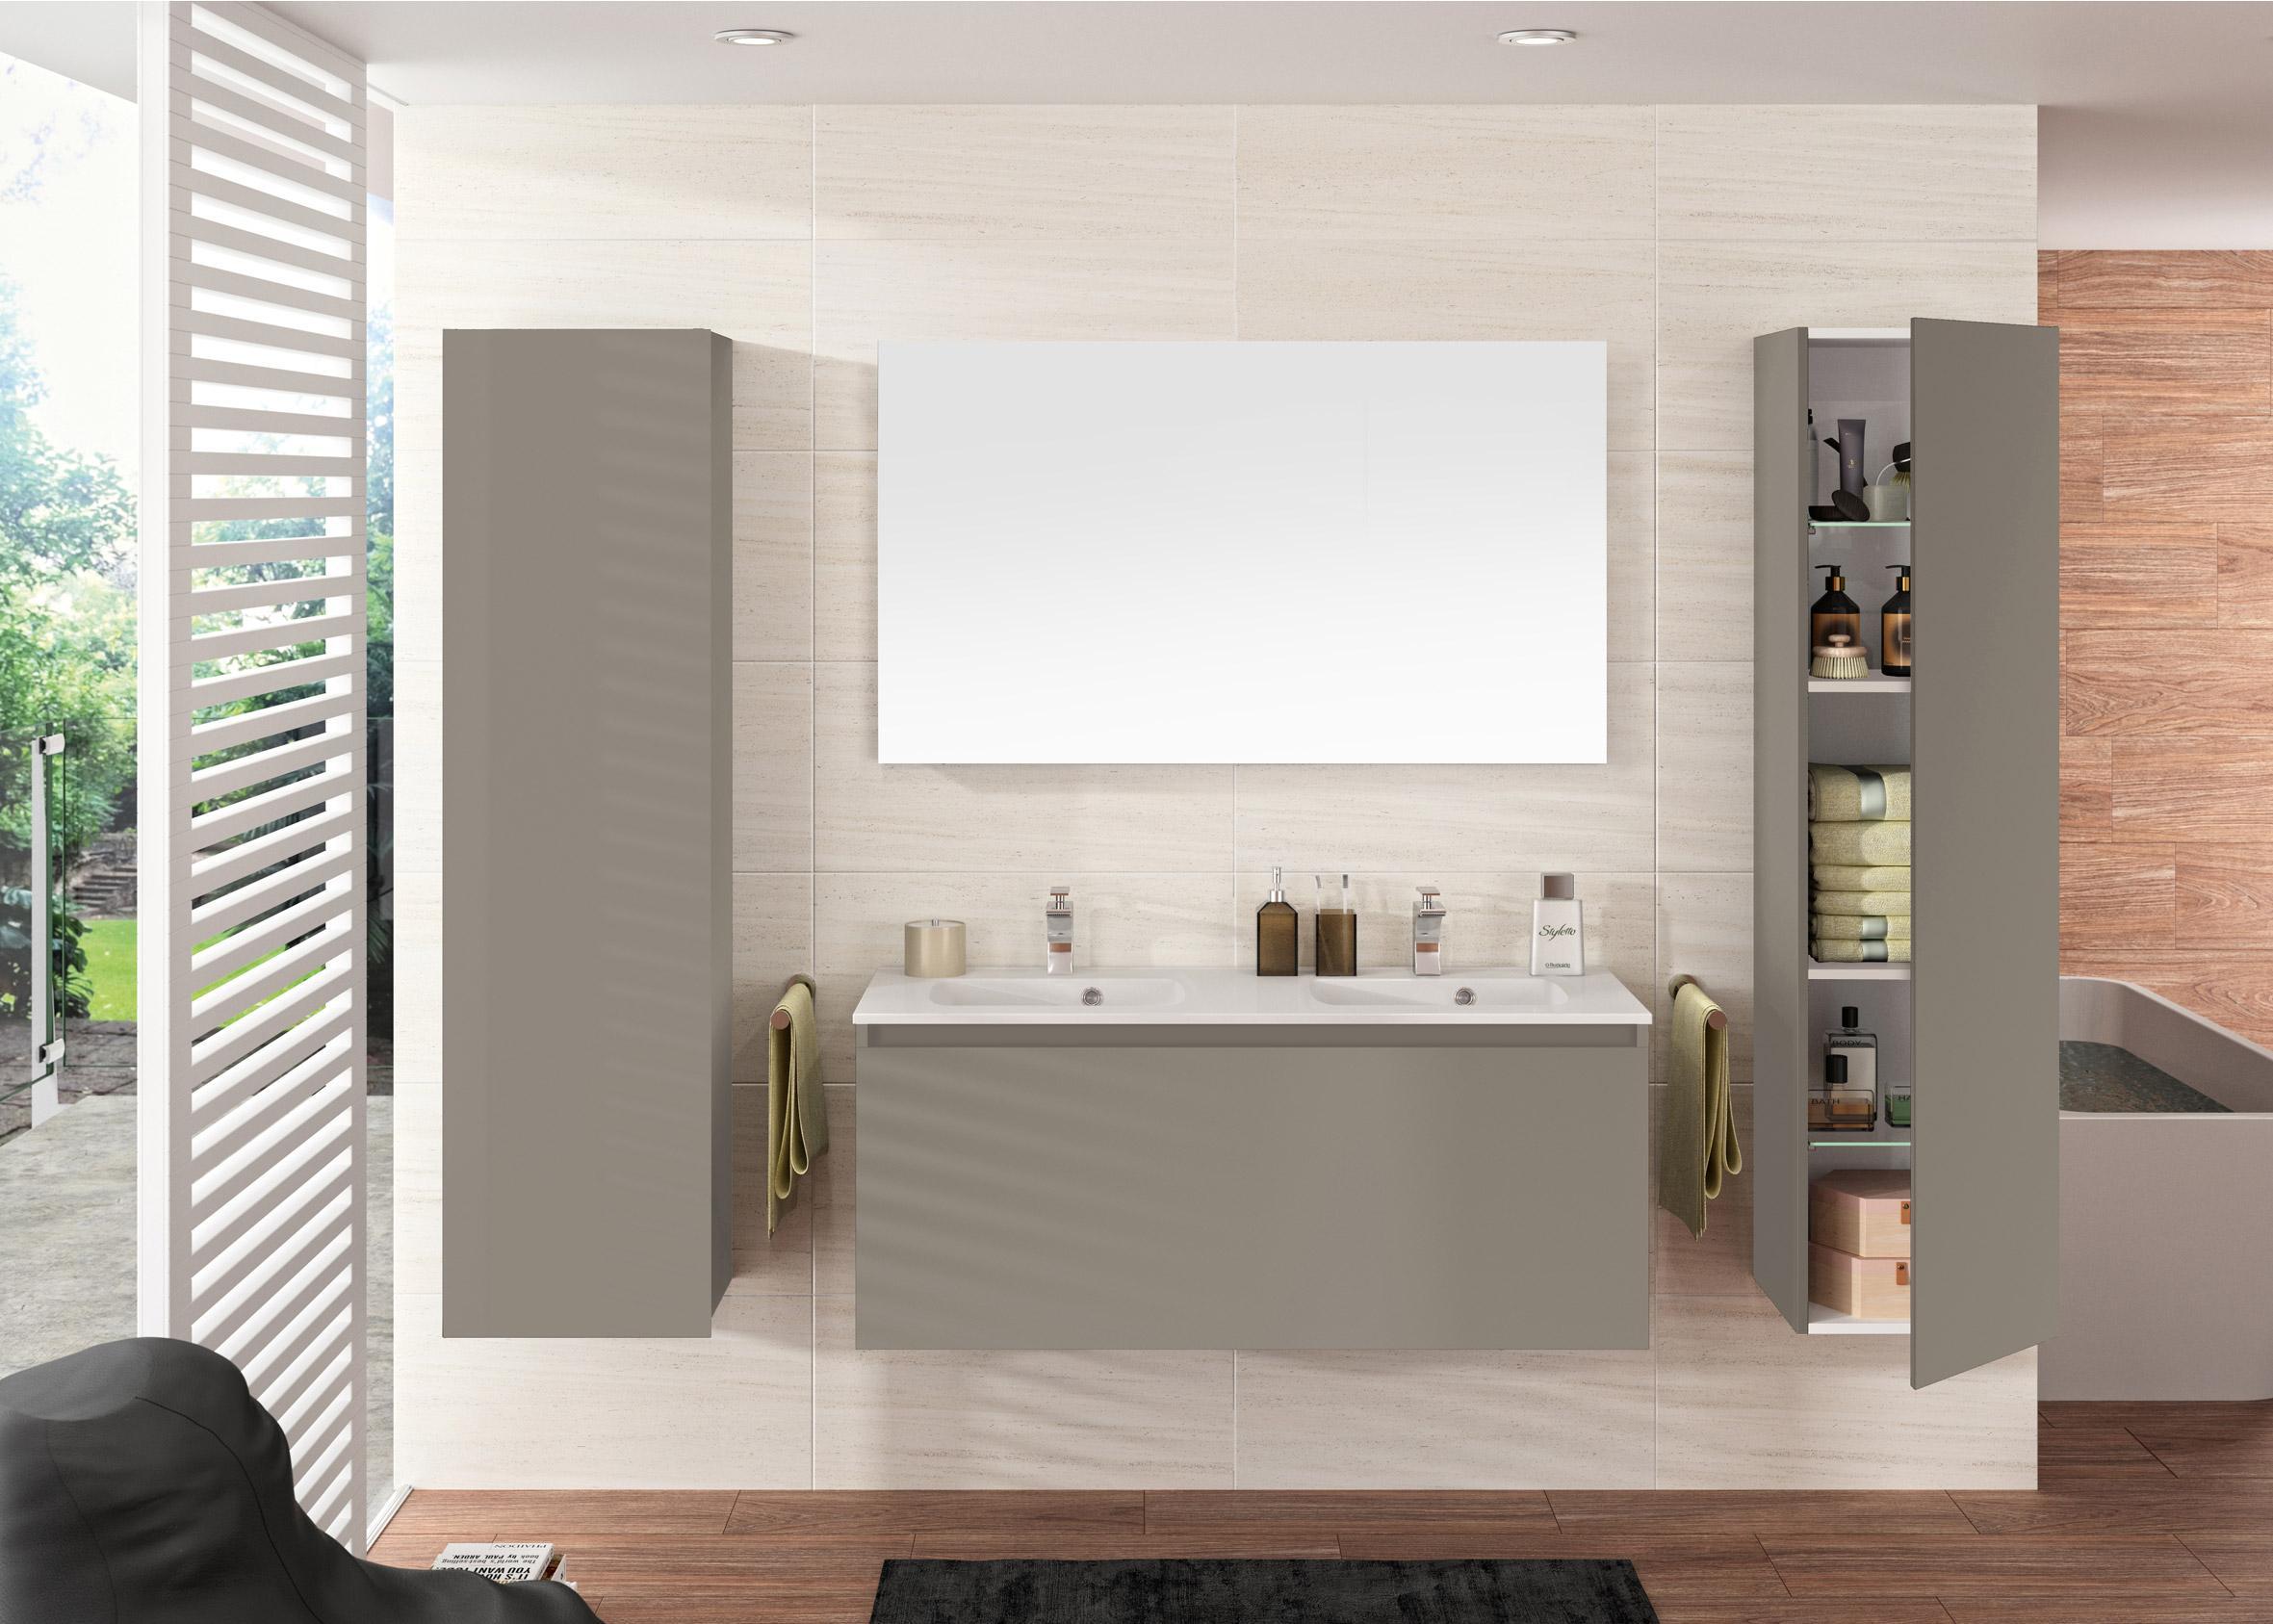 Espace Entre 2 Vasques ensemble de meuble et vasque, nordik 2 pcs l.120 x h.47.2 x p.44 cm, gris